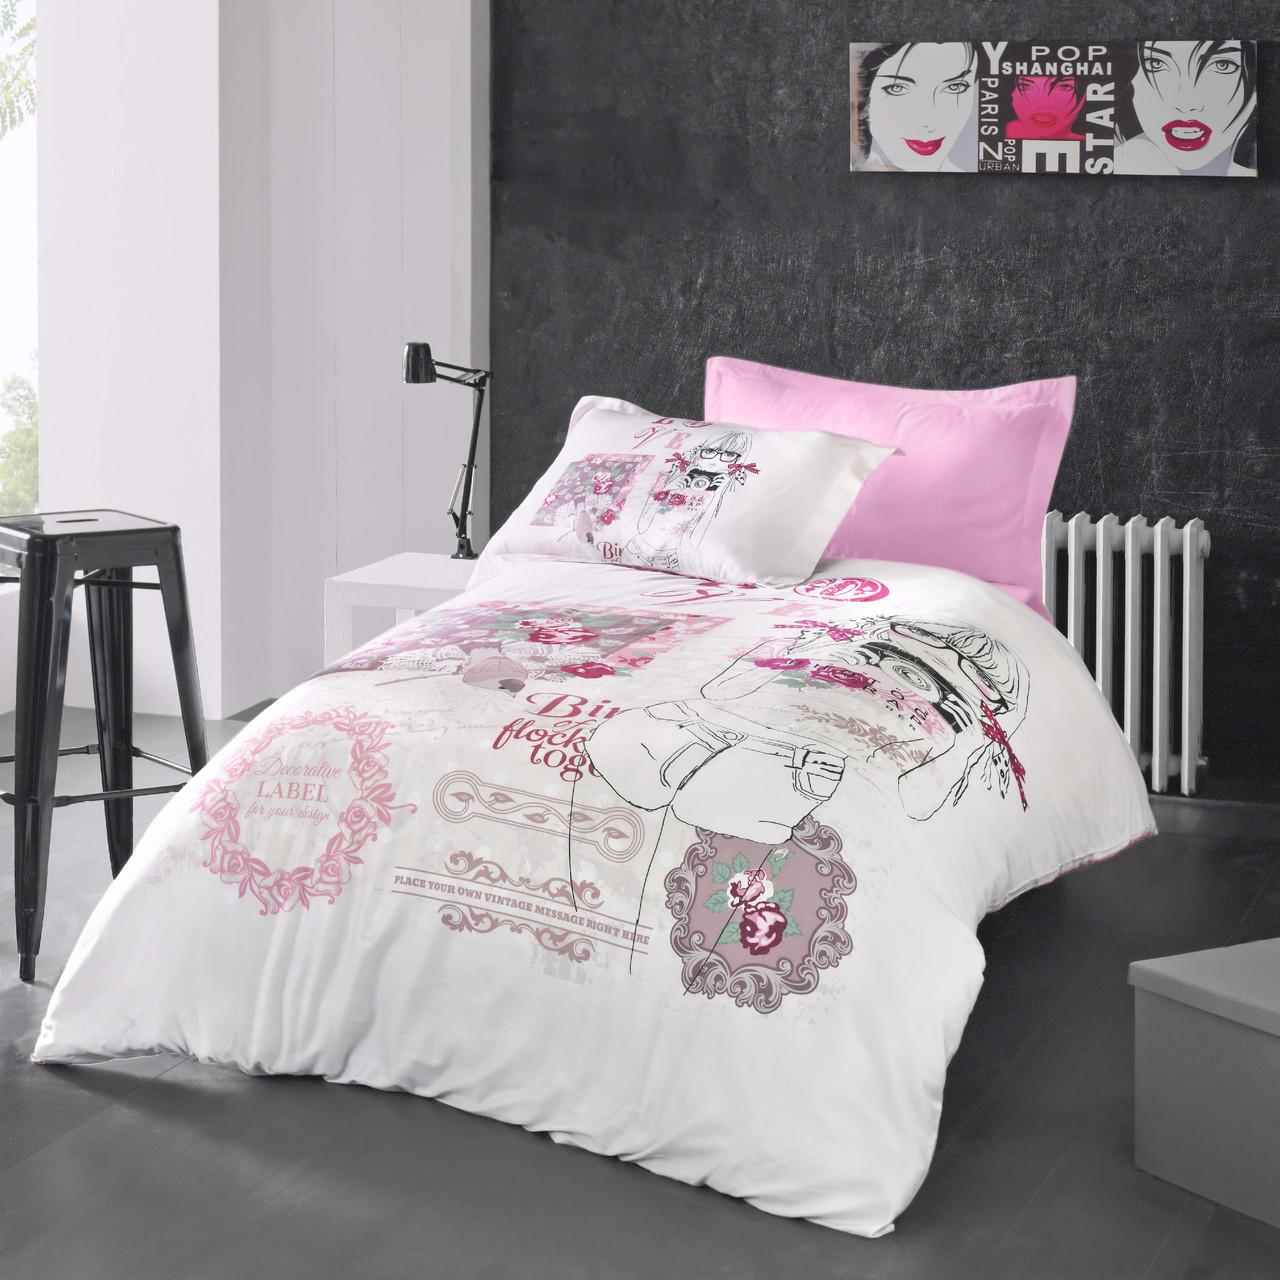 Подростковый постельный комплект Lavonne, Luoca Patisca